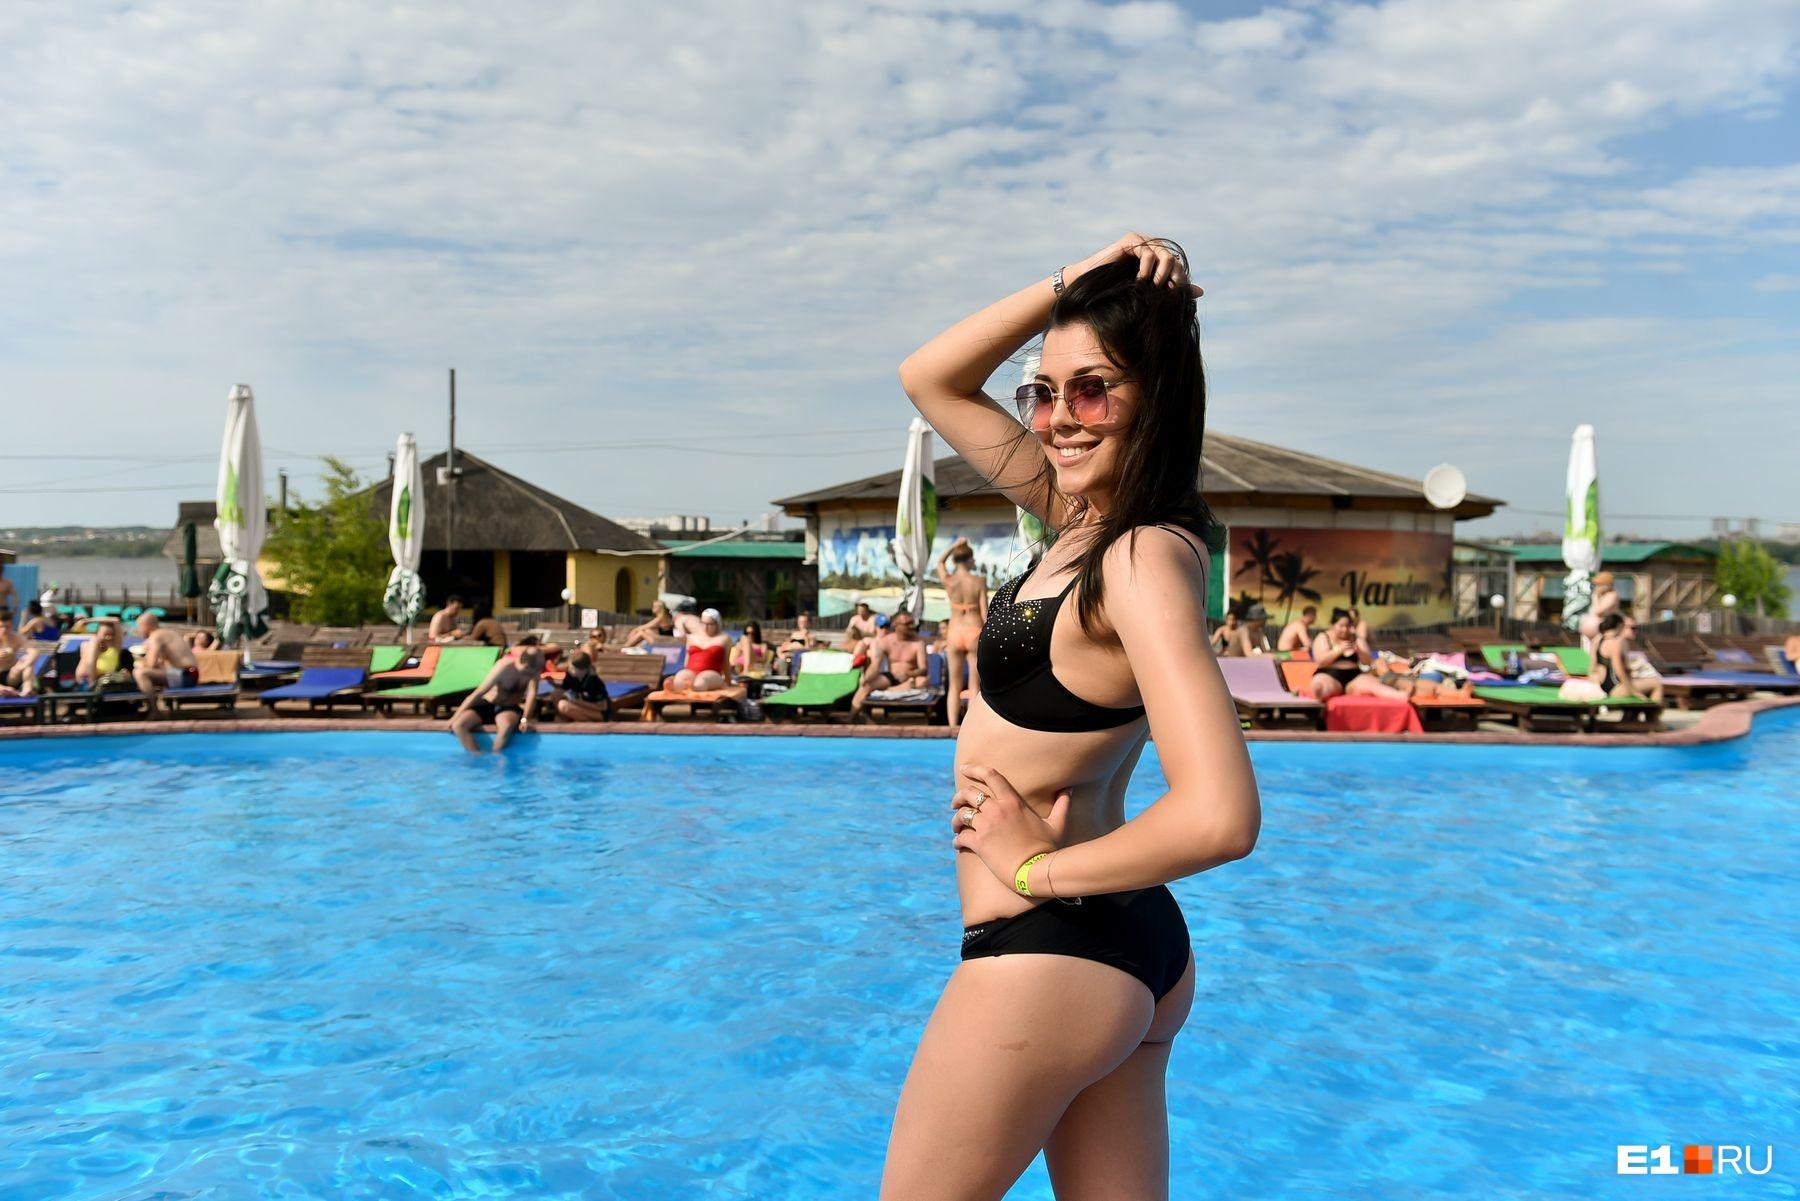 Владельцы Cuba Beach Club говорят, что сюда моментально приезжают десятки девушек, как только выглядывает солнышко<br><br><br><br>